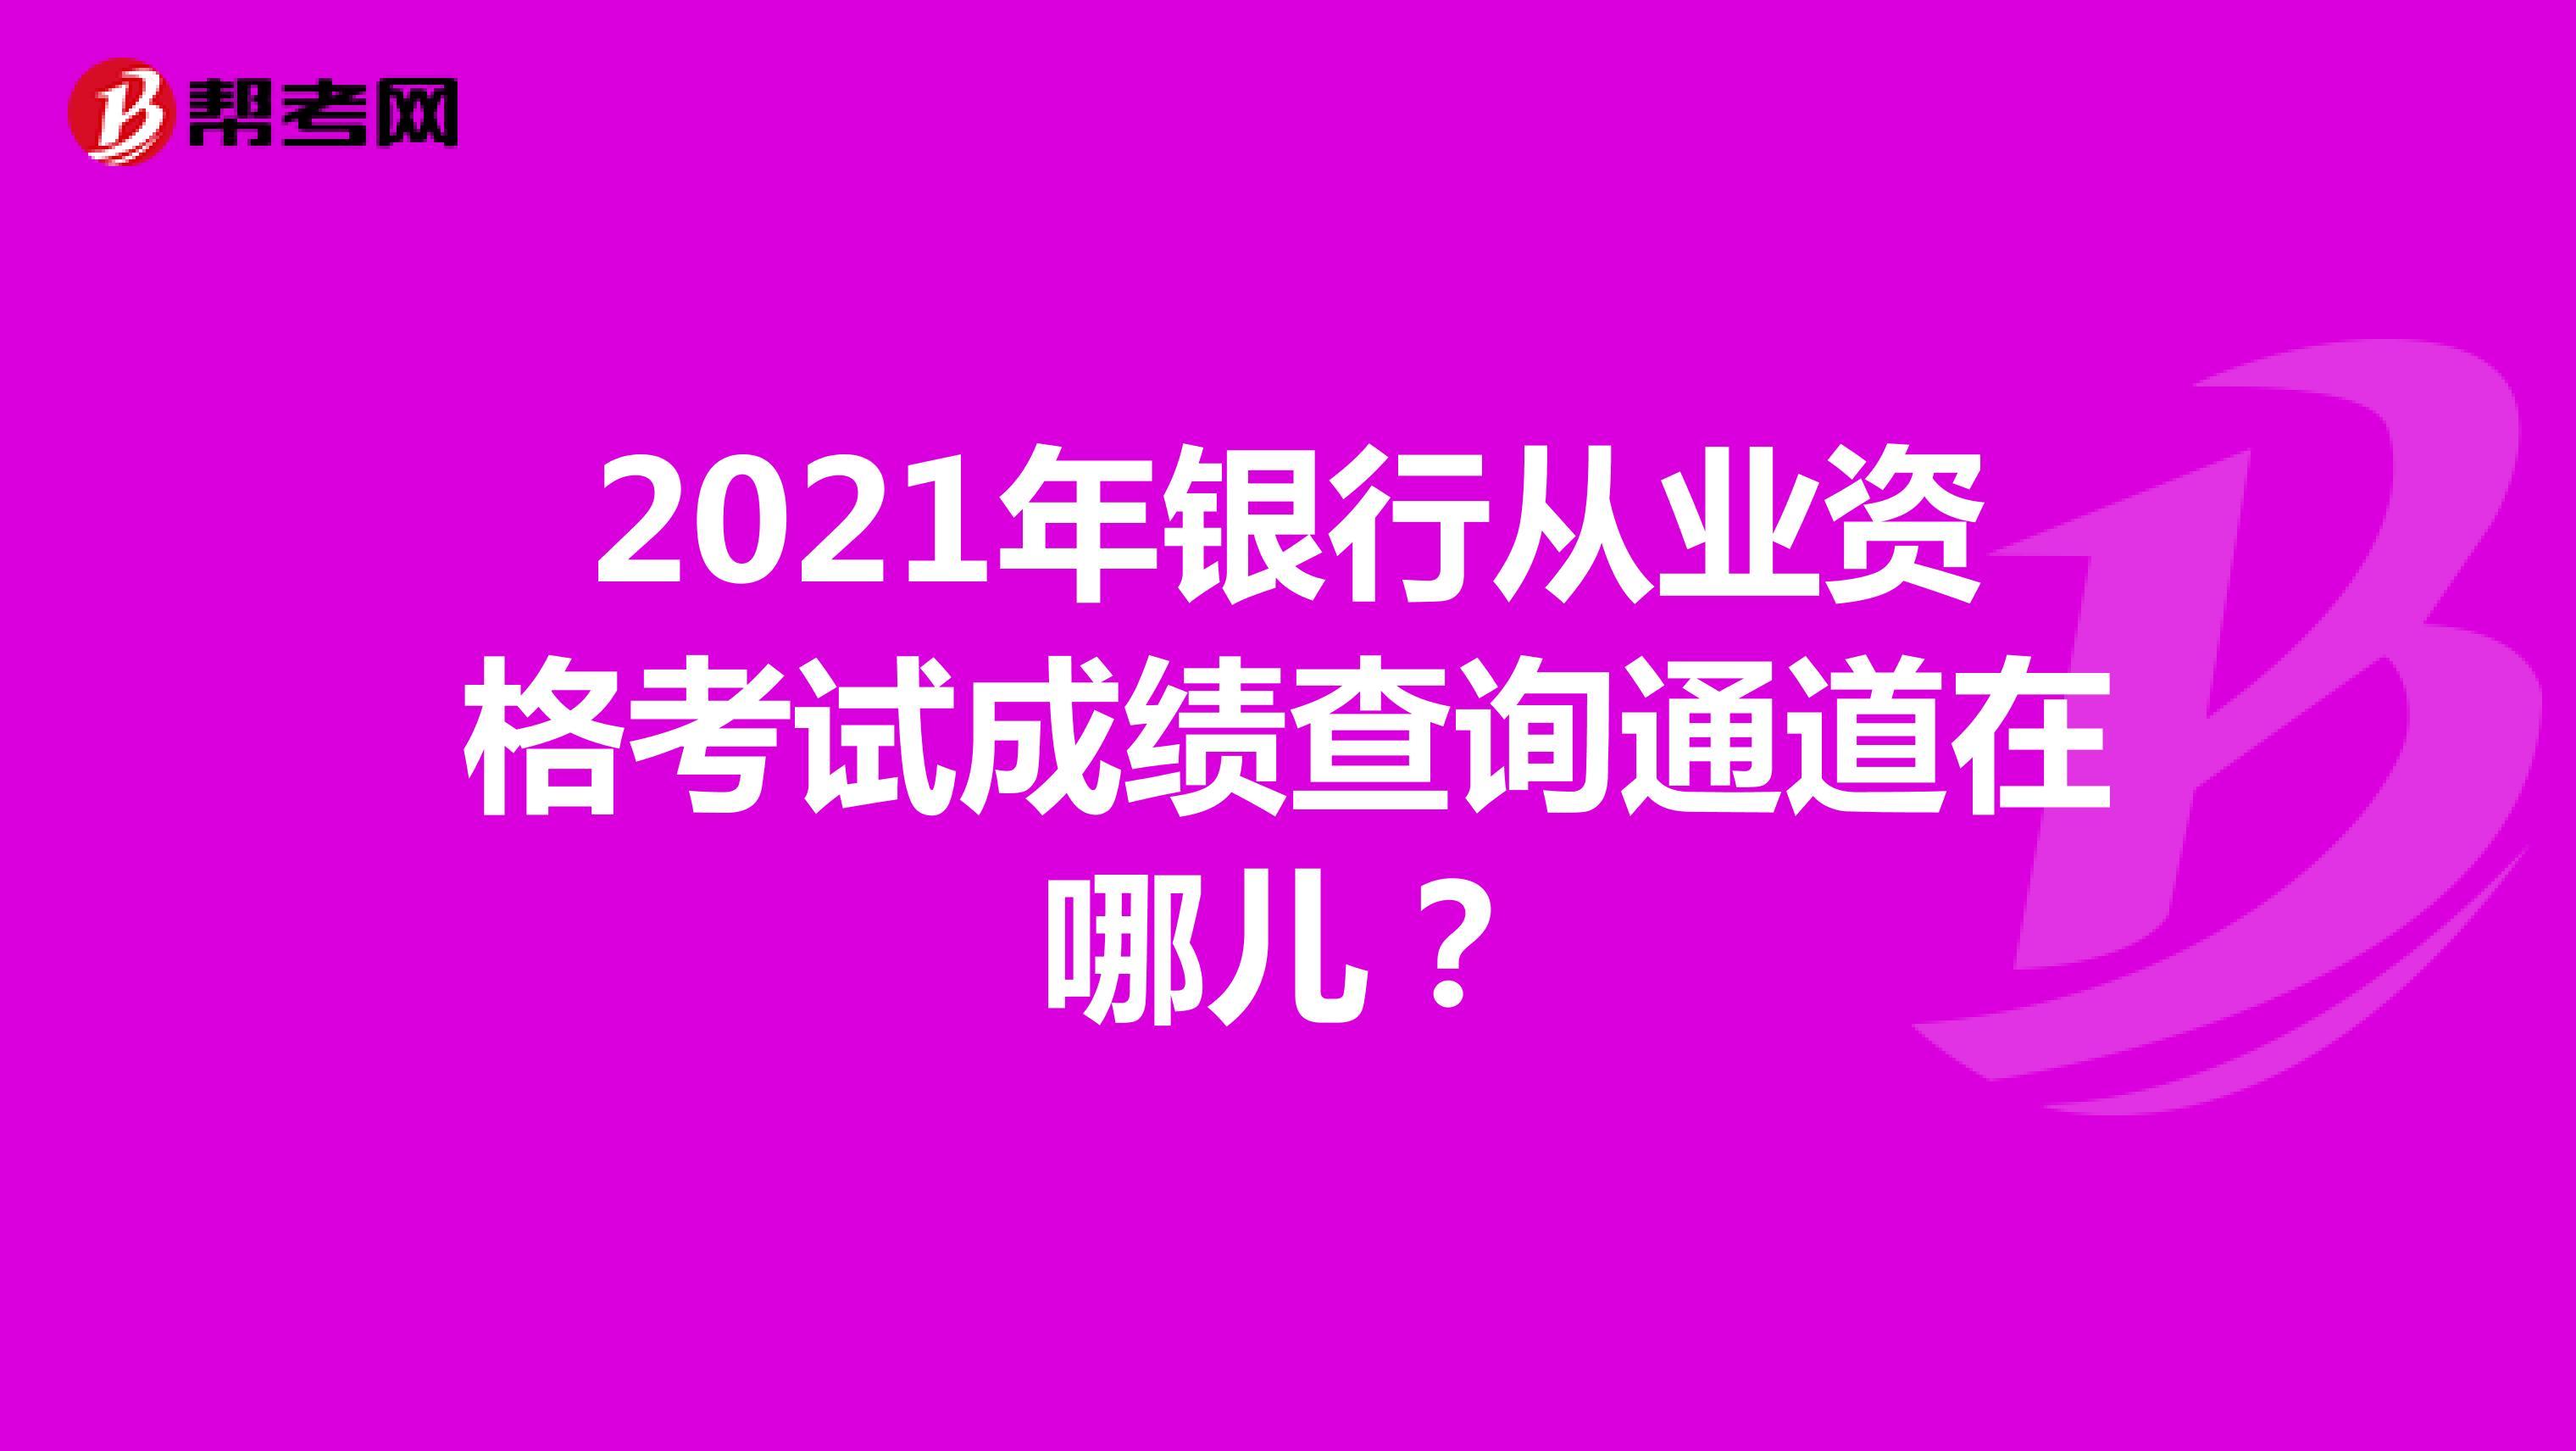 2021年银行从业资格考试成绩查询通道在哪儿?